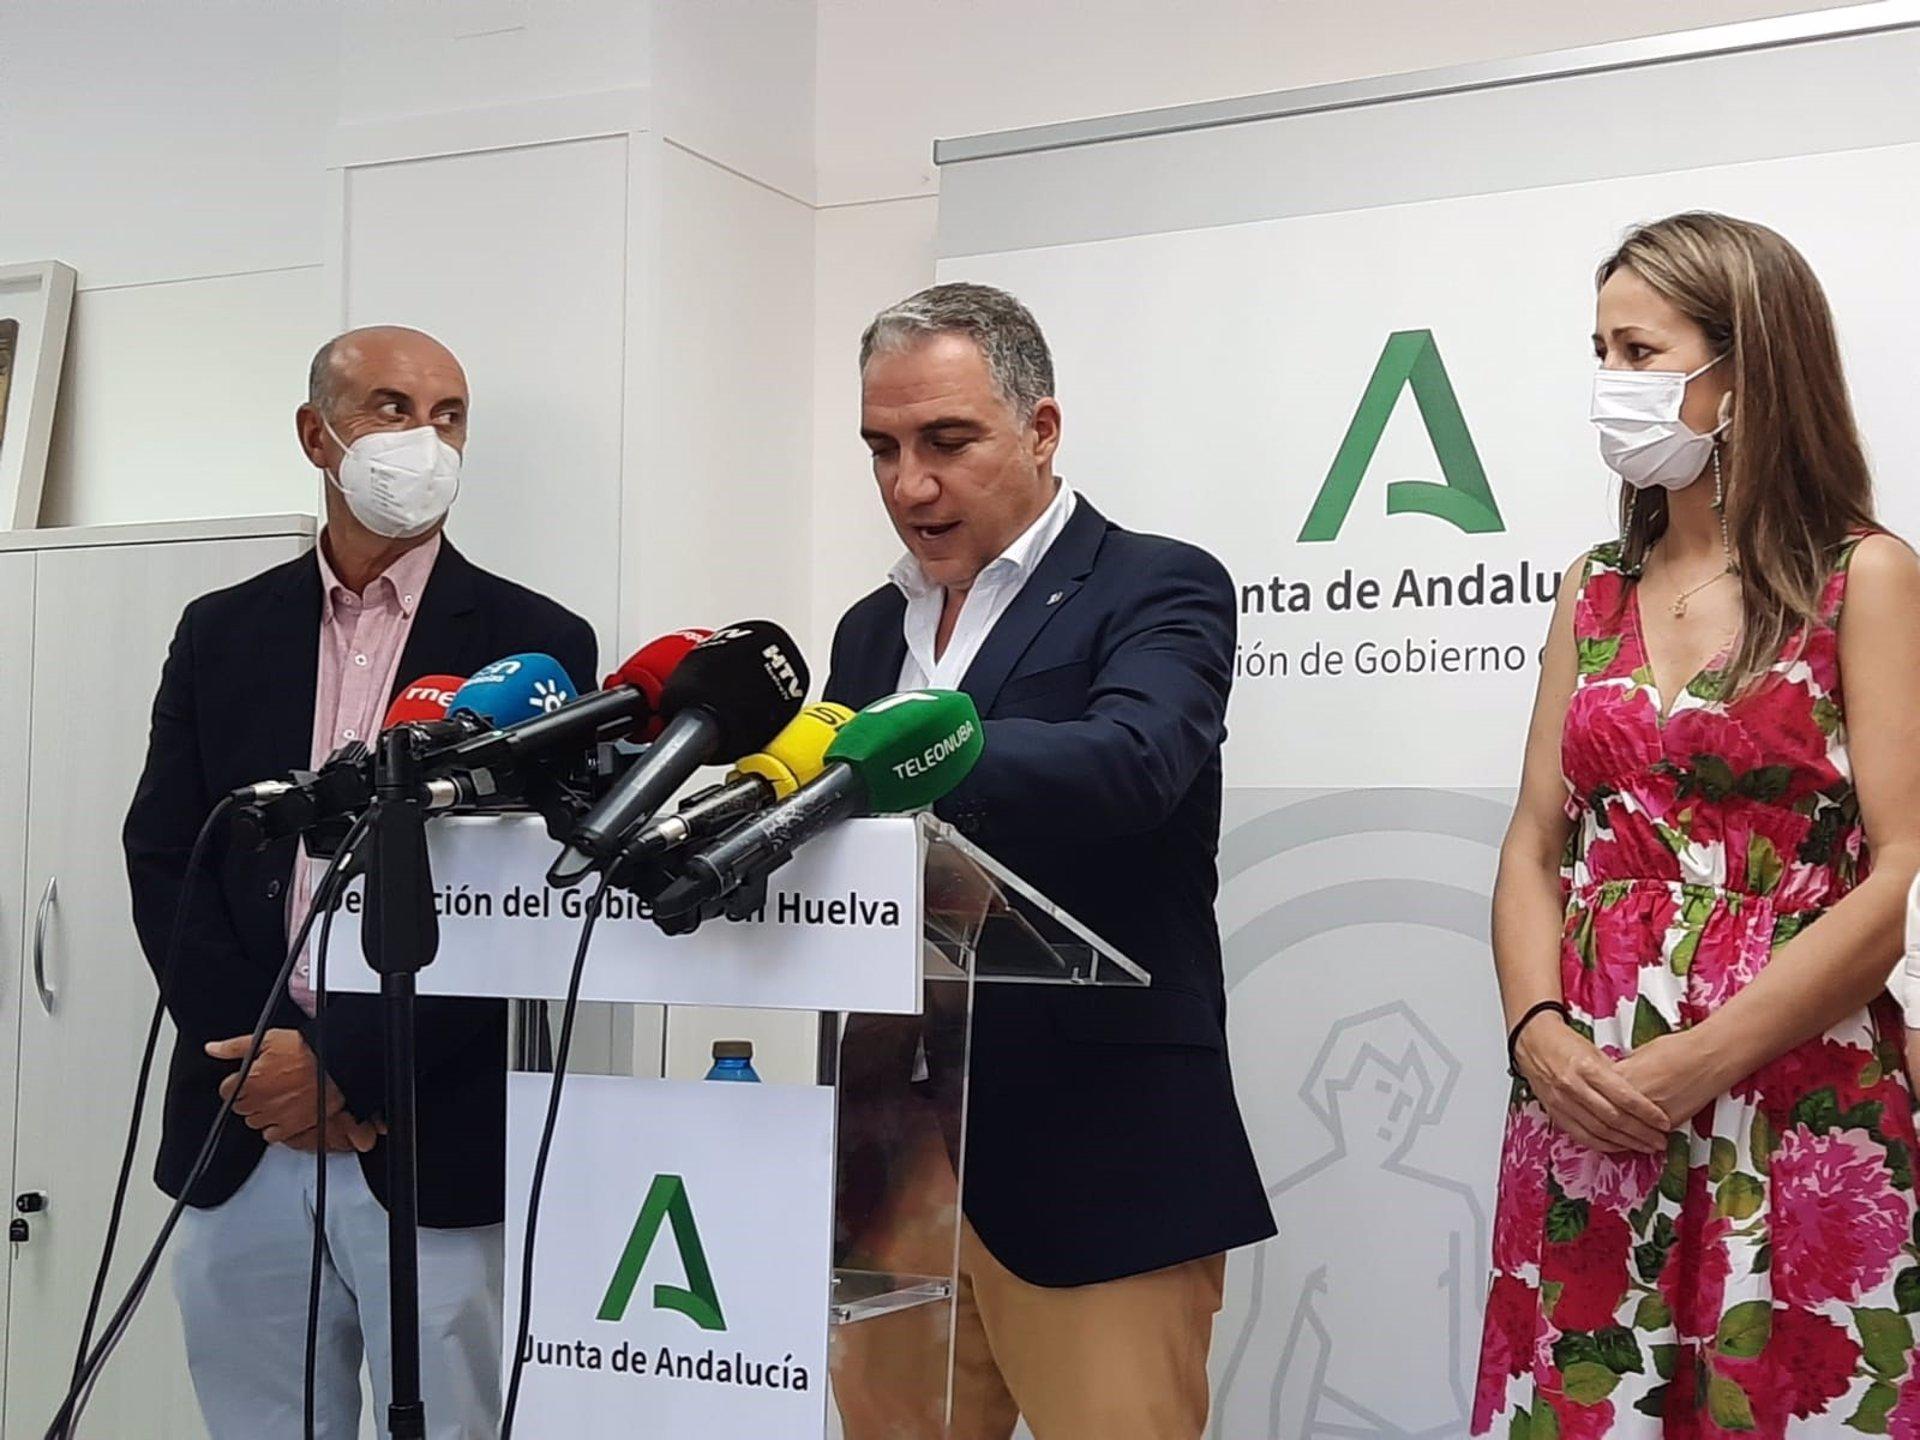 La Junta abre desde este miércoles las citas para la vacunación de los jóvenes de 15 años